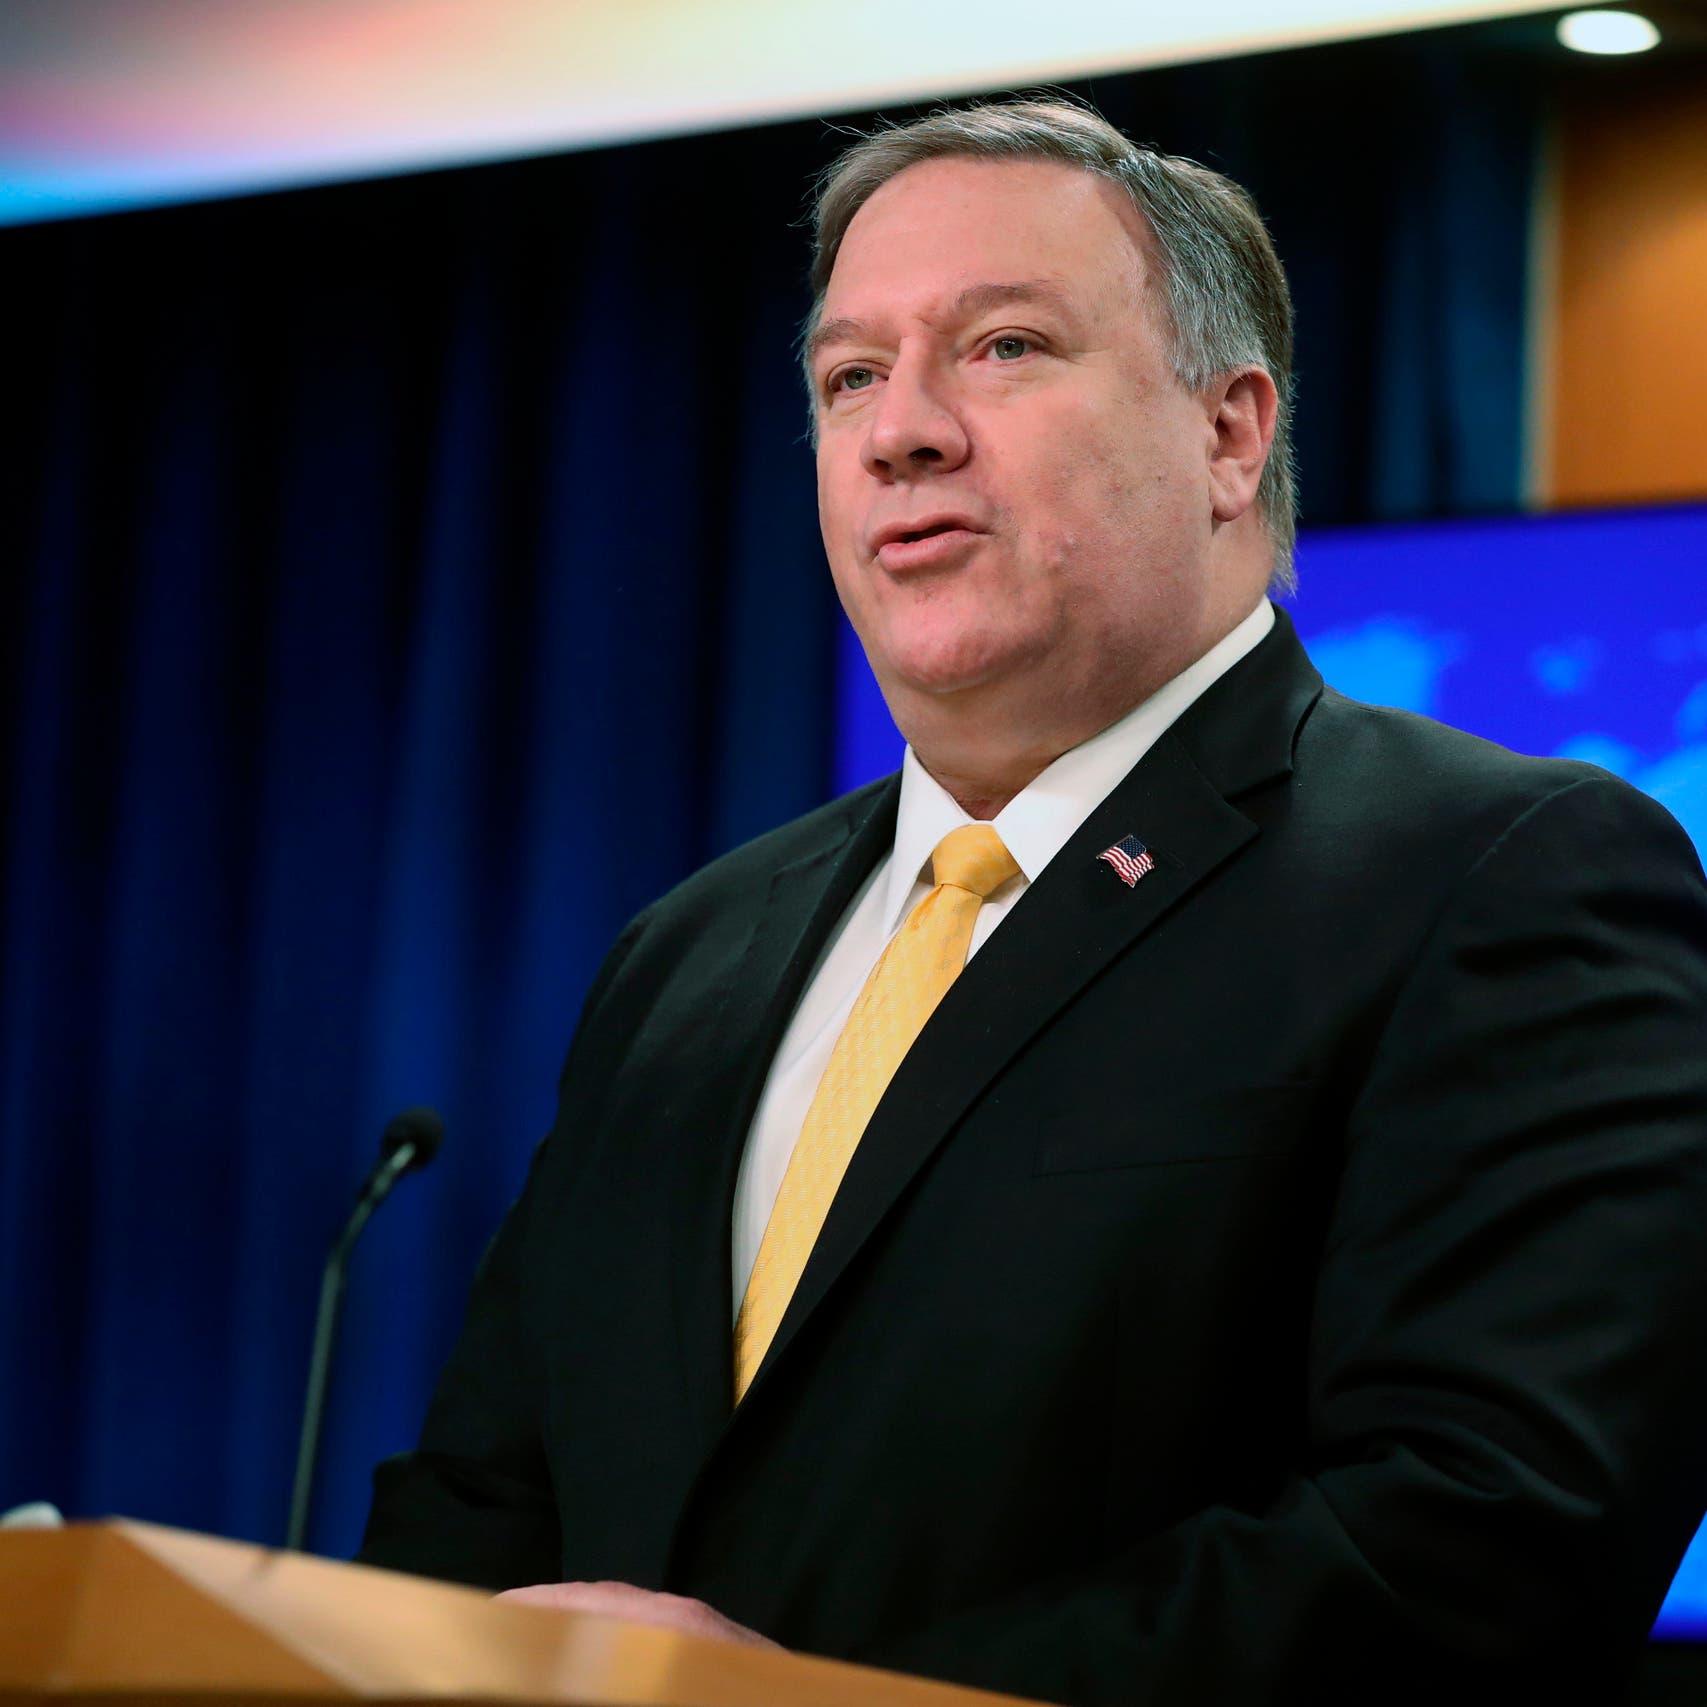 واشنطن تعلق التزامها بالمعاهدة النووية.. وموسكو ترد